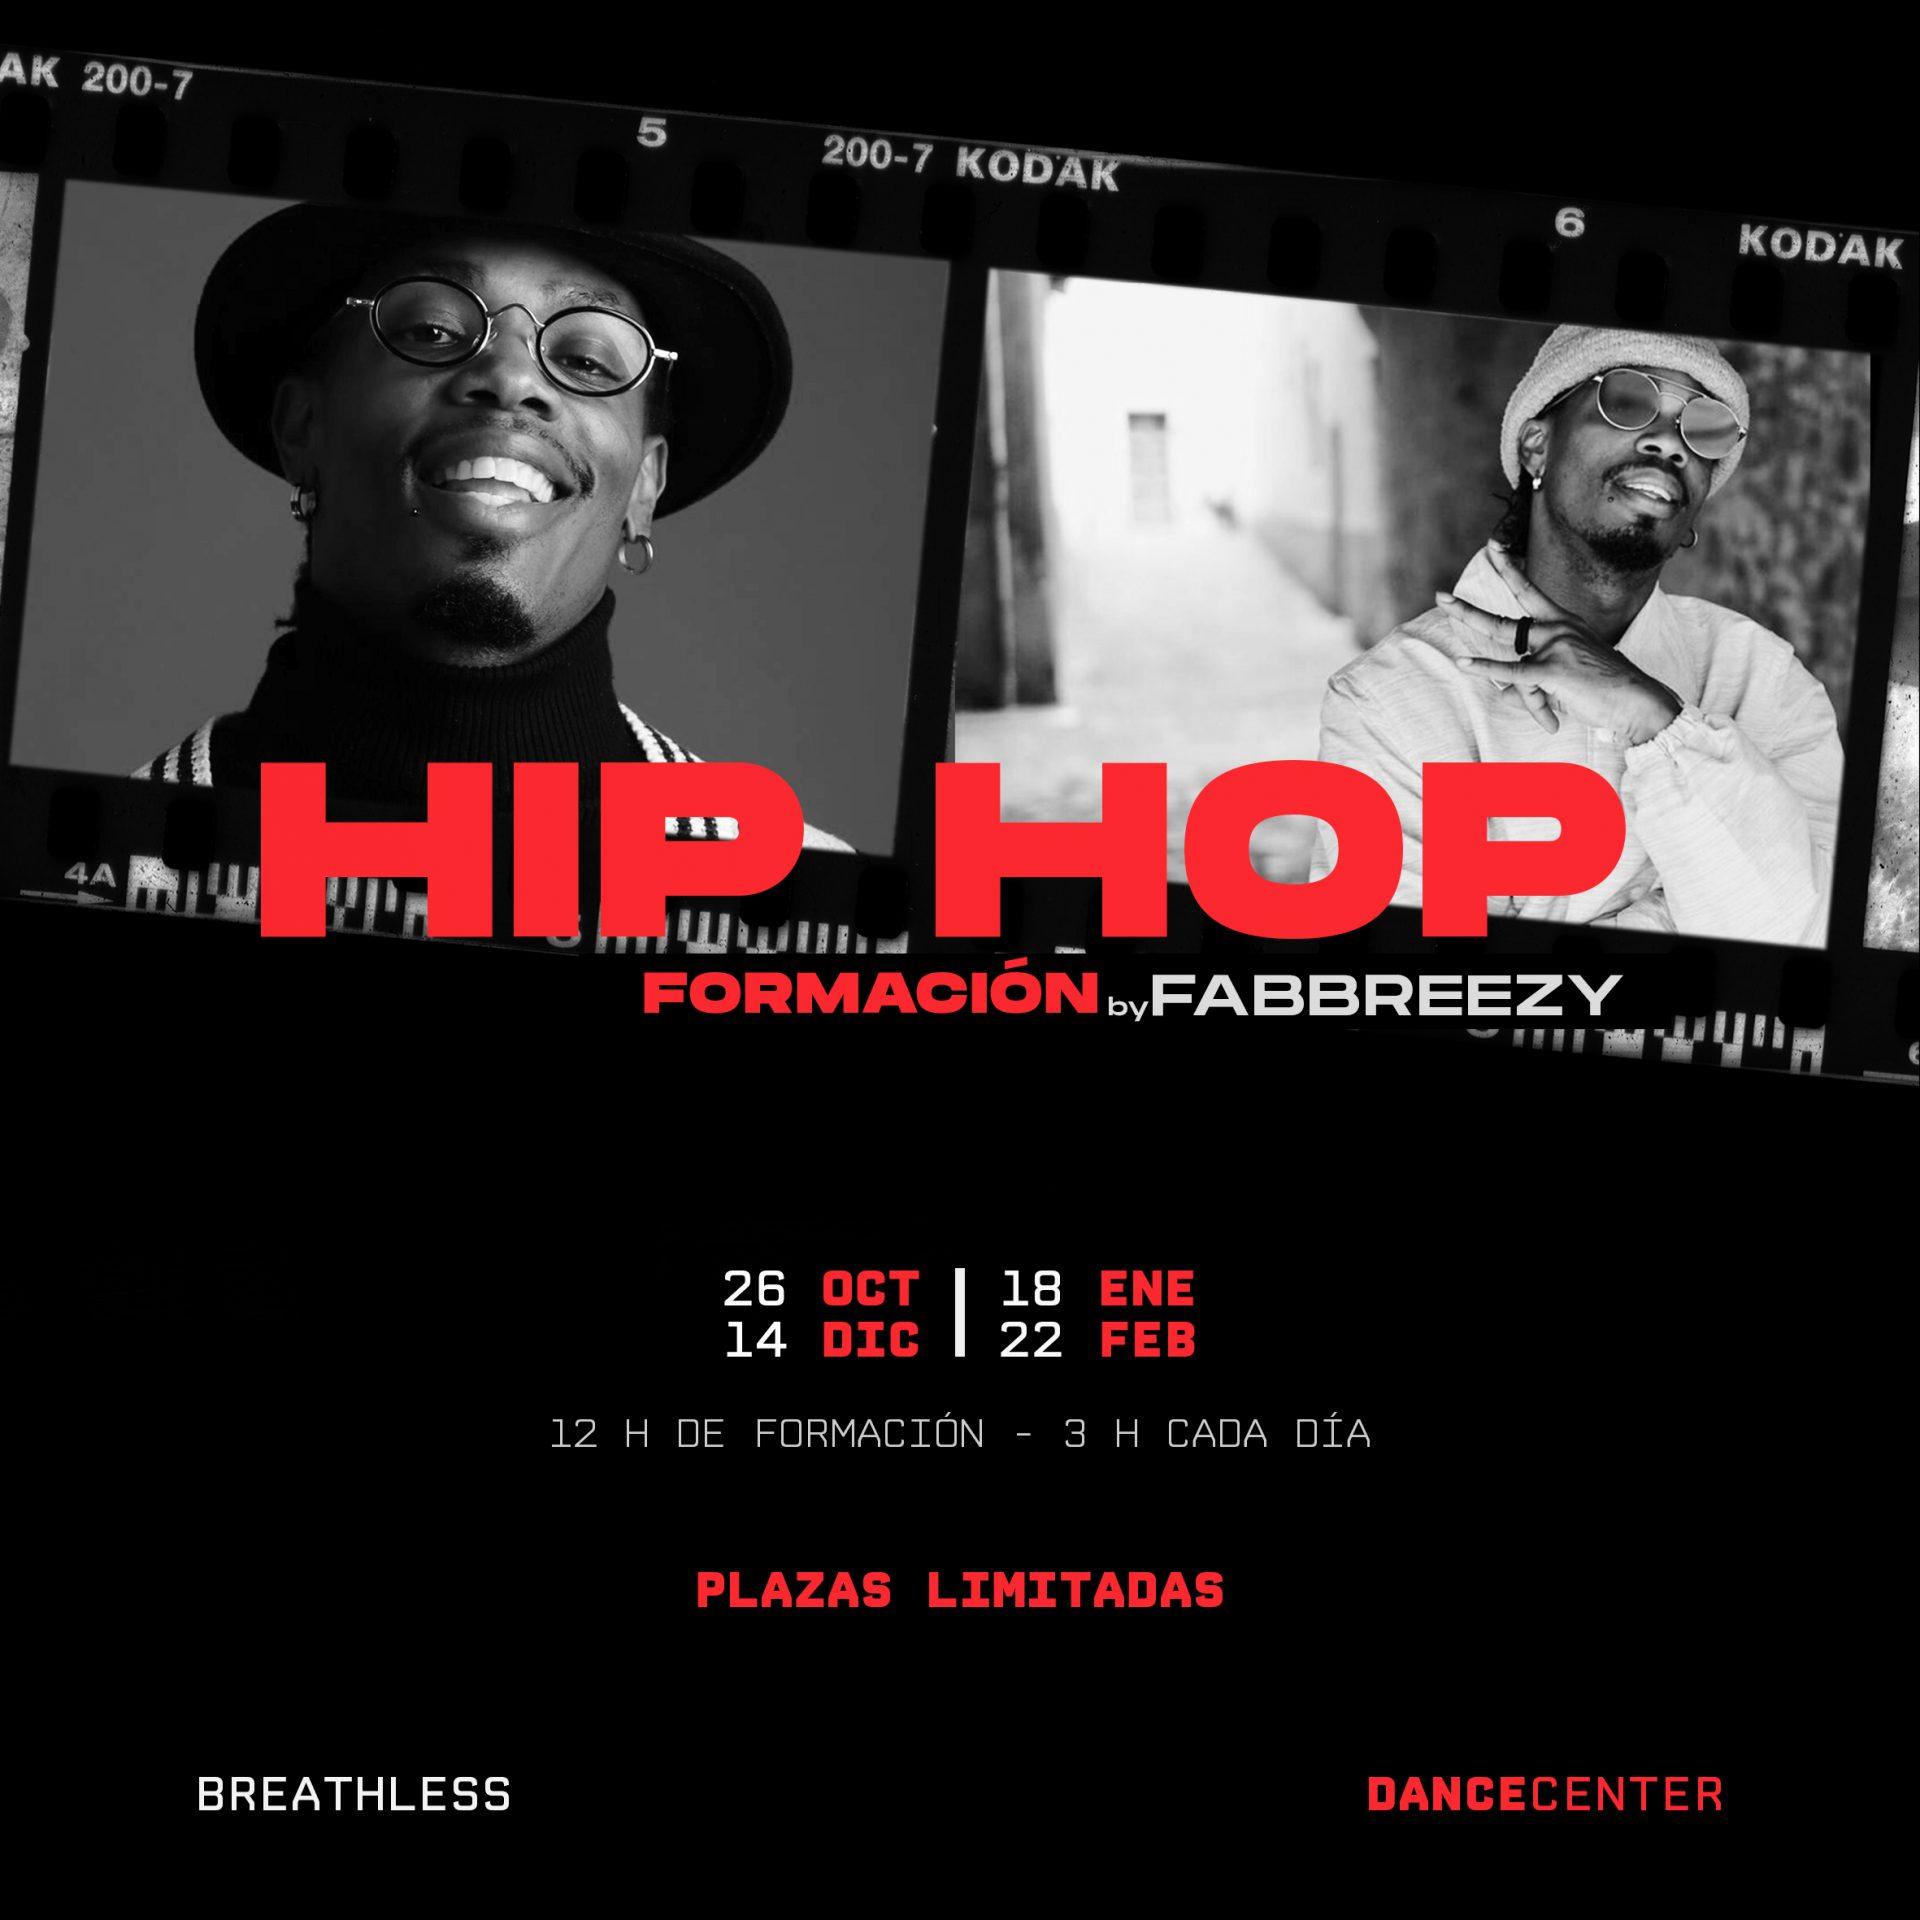 Formación de Hip Hop con Fabbreezy